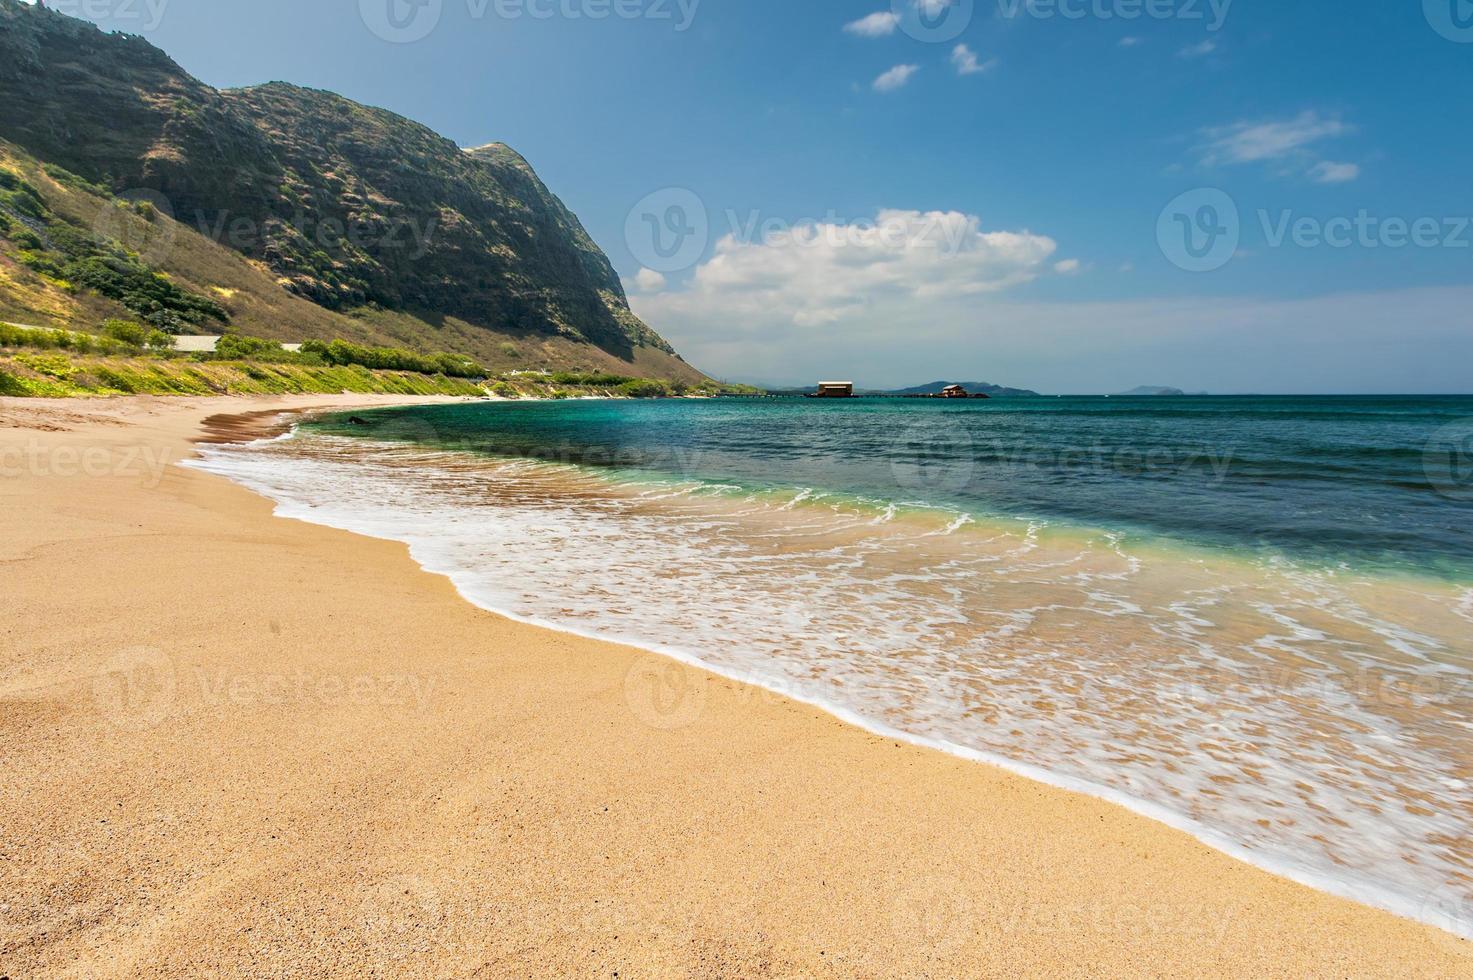 spiaggia hawaiana con sabbia e montagna sullo sfondo foto